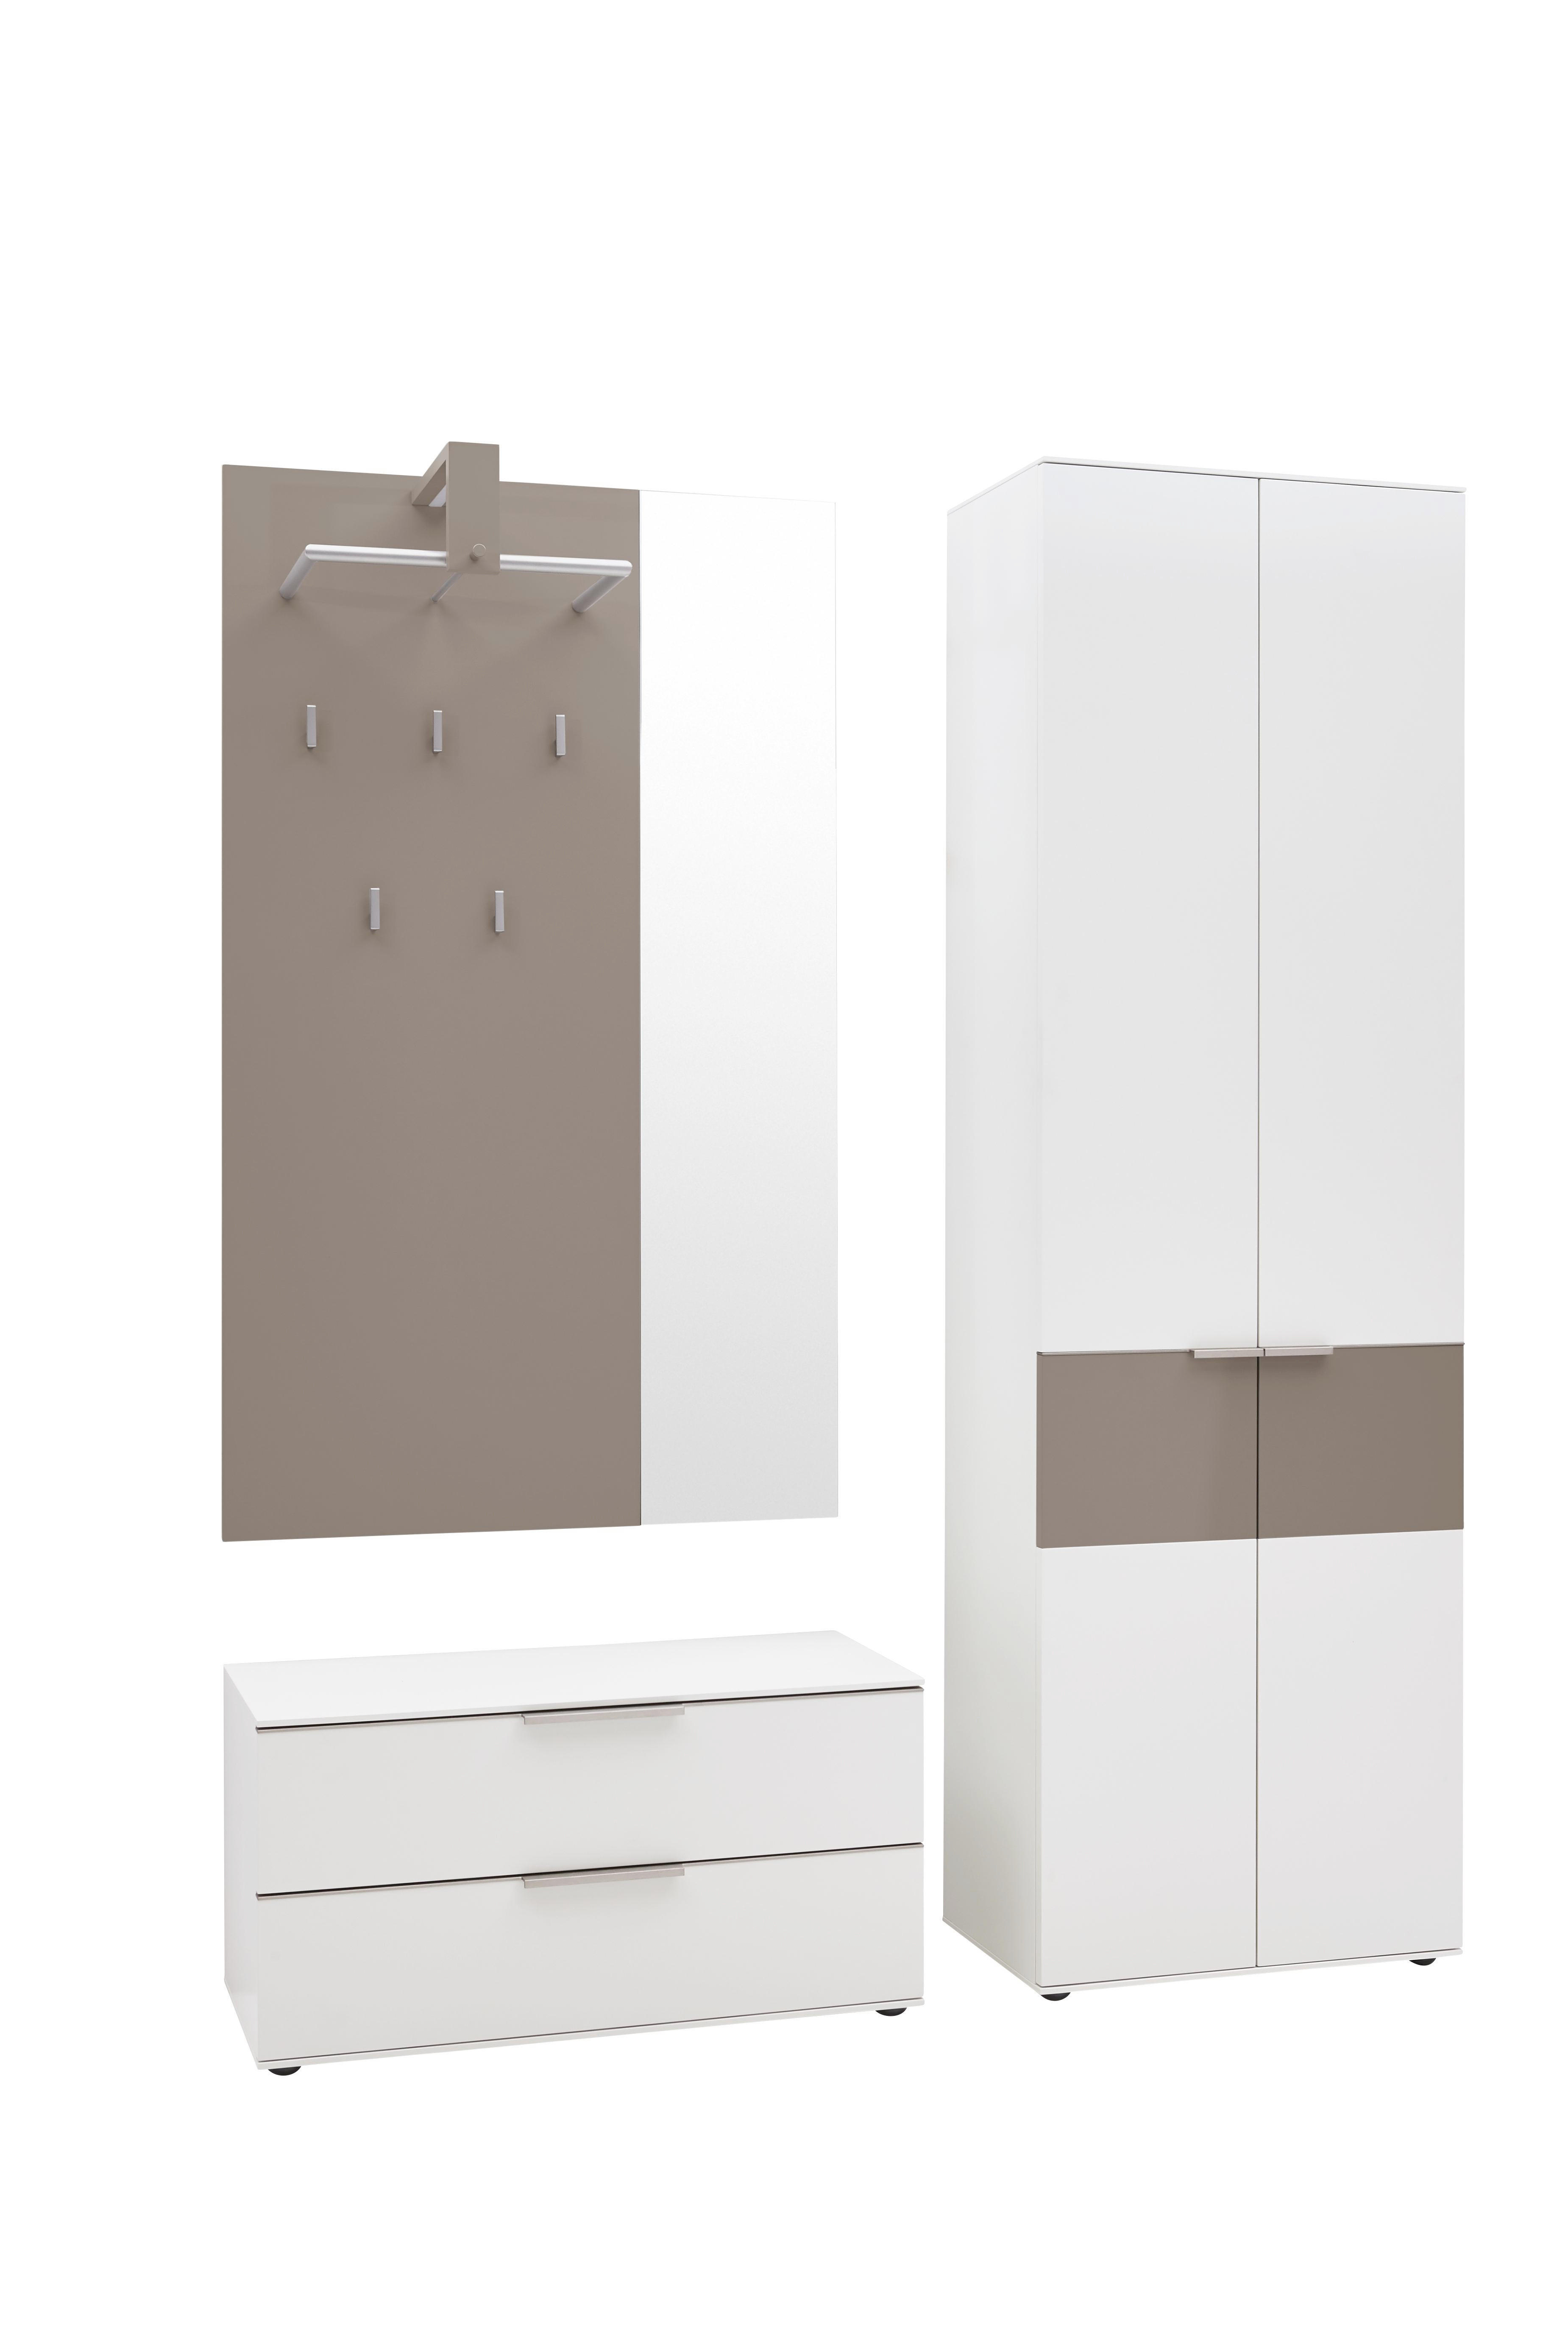 Charmant Fabulous Garderobe Vintage Weiss Maak Het U Gemakkelijk Om Uw Huis Te  Versieren Met Onze Ideen Voor Zoals Enz With Weiss Modern.